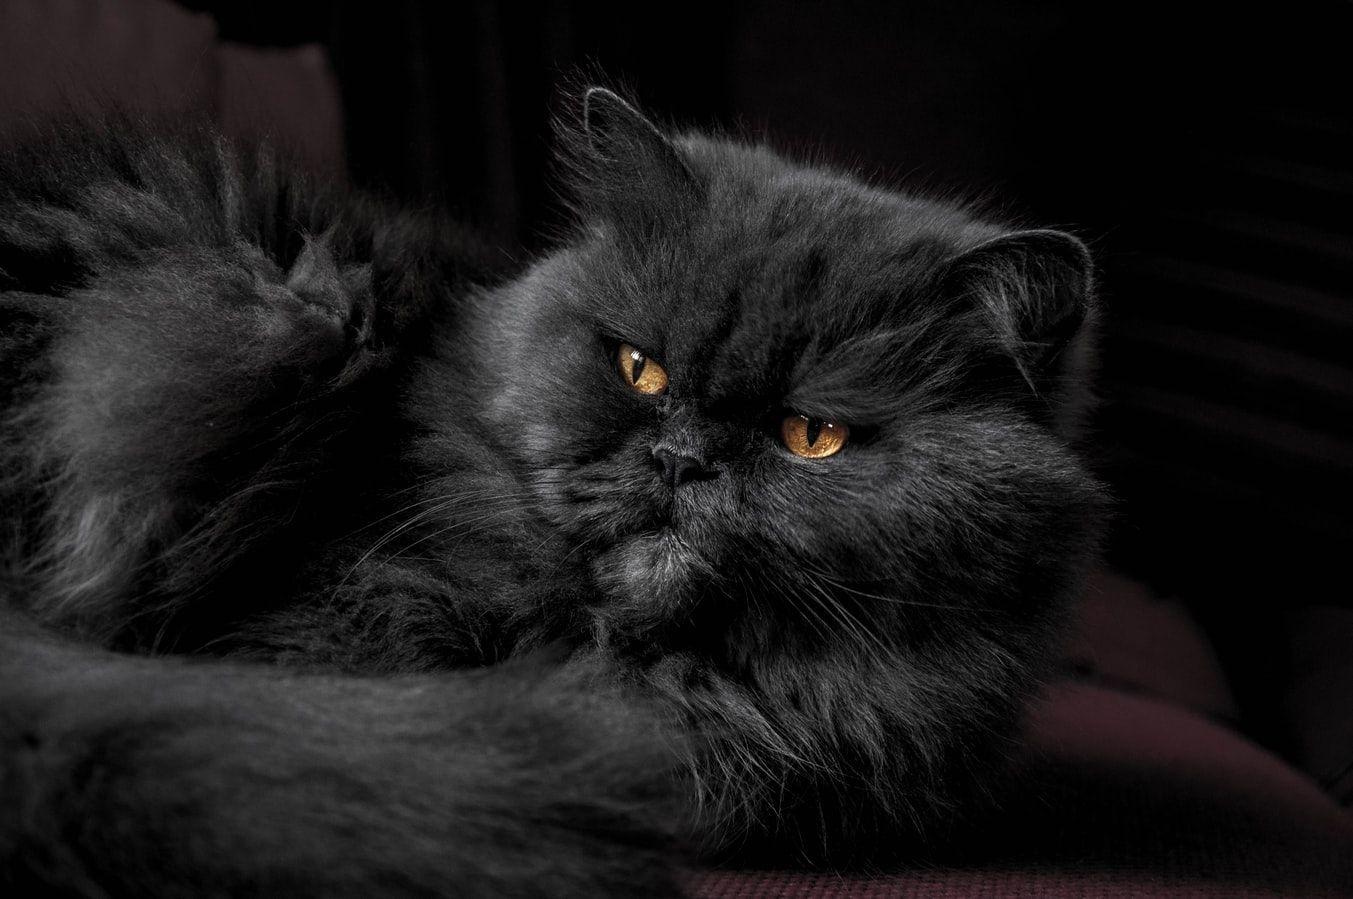 Gato Persa - história, características e principais cuidados com a raça